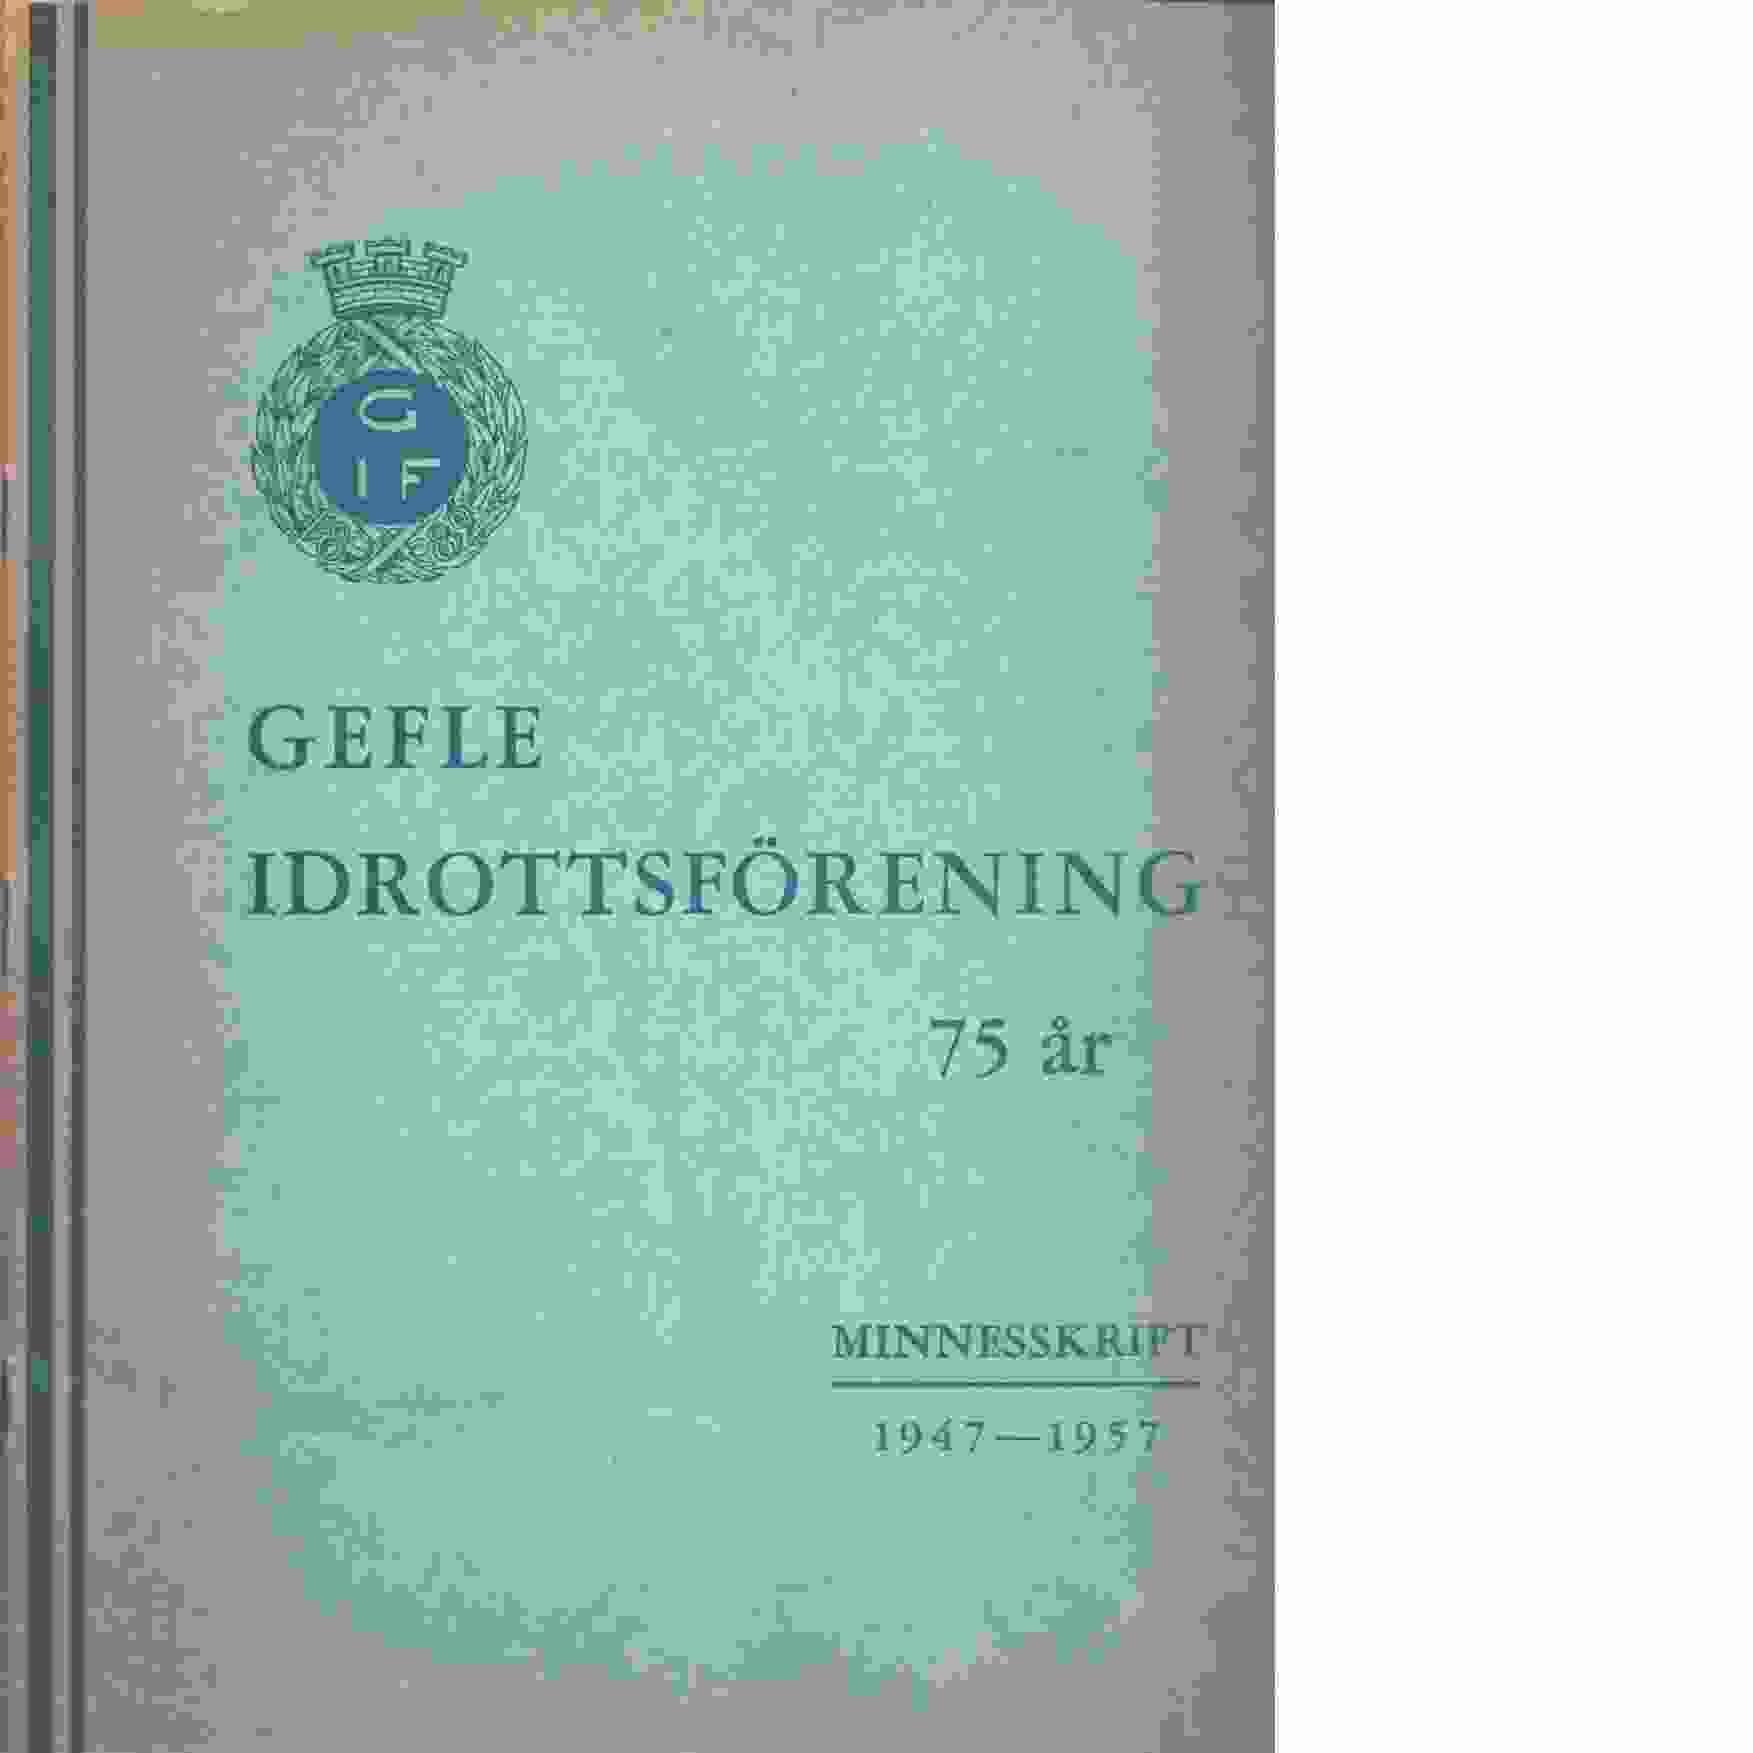 Gefle idrottsförening 75 år : minnesskrift 1947-1957 - Red. Gefle IF